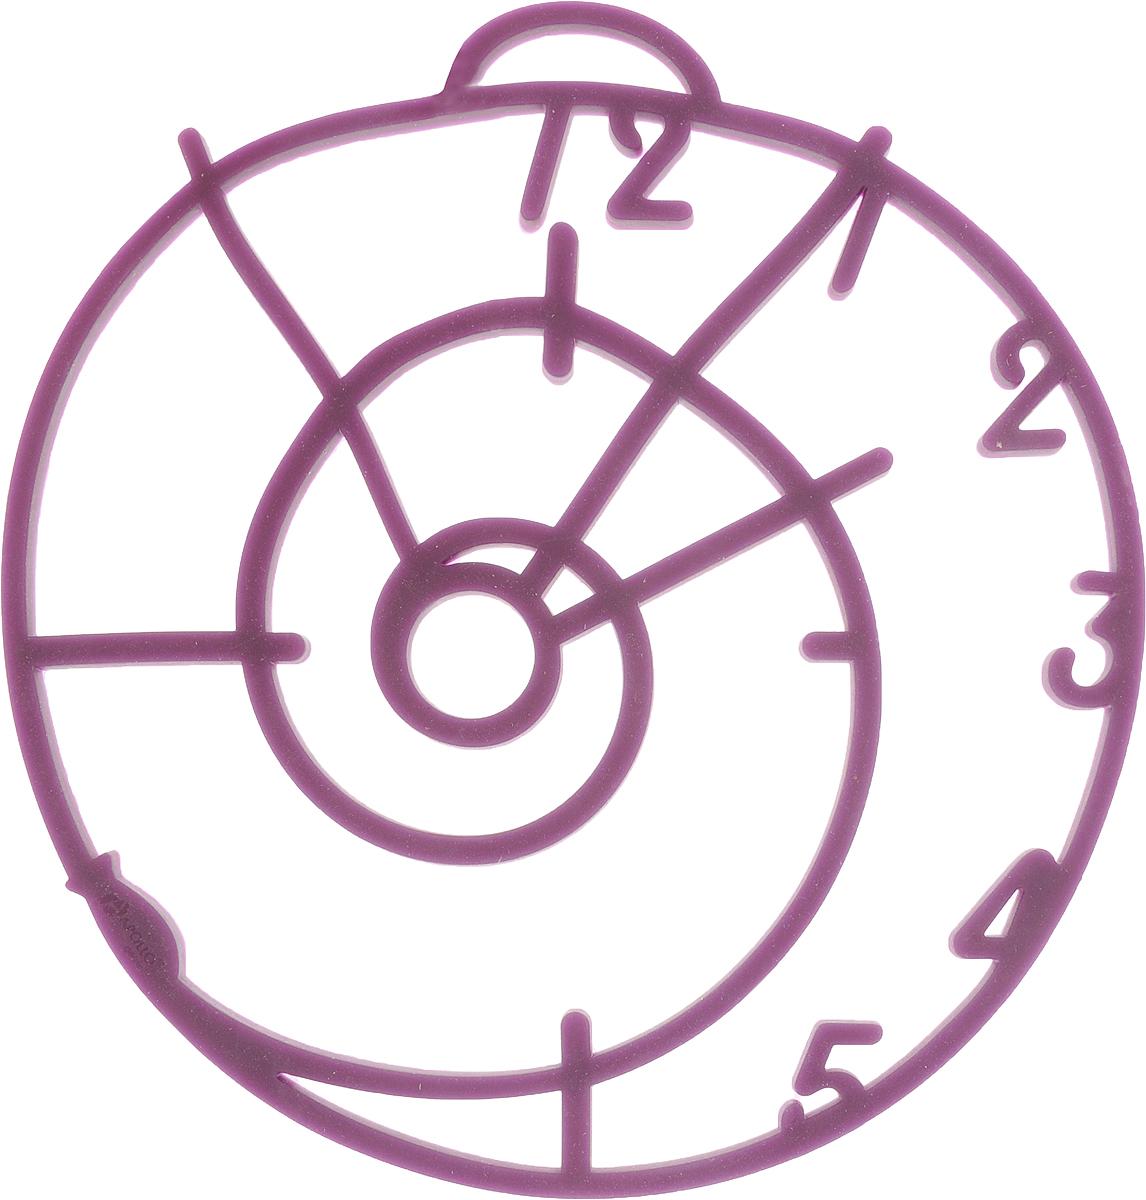 Подставка под горячее Apollo Genio Five minutes, цвет: фиолетовый, 17,6 х 19 х 0,5 смFVM-01_фиолетовыйПодставка под горячее Apollo Genio Five minutes изготовлена из силикона, современного икомфортного материала, который приятен на ощупь и легко моется. Изделие предназначено длязащиты кухонных поверхностей от высокой температуры. Подставка прекрасно подойдет длясамых различных кастрюль, тарелок, сковородок и форм для выпечки.Преимущества подставки:- температурный диапазон использования: от - 40 °С до + 240 °С,- невозможно разбить,- не деформируется при хранении в свернутом виде,- долгосохраняет свой первоначальный вид,- не выделяет вредных веществ при нагревании илиохлаждении,- не впитывает запахи, не скользит.Уход:- рекомендуется ручная мойка,- не использовать при мытье абразивные моющиесредства,- не ставить изделие на открытый огонь или разогретую электрическую конфорку.Размеры: 17,6 х 19 х 0,5 см.